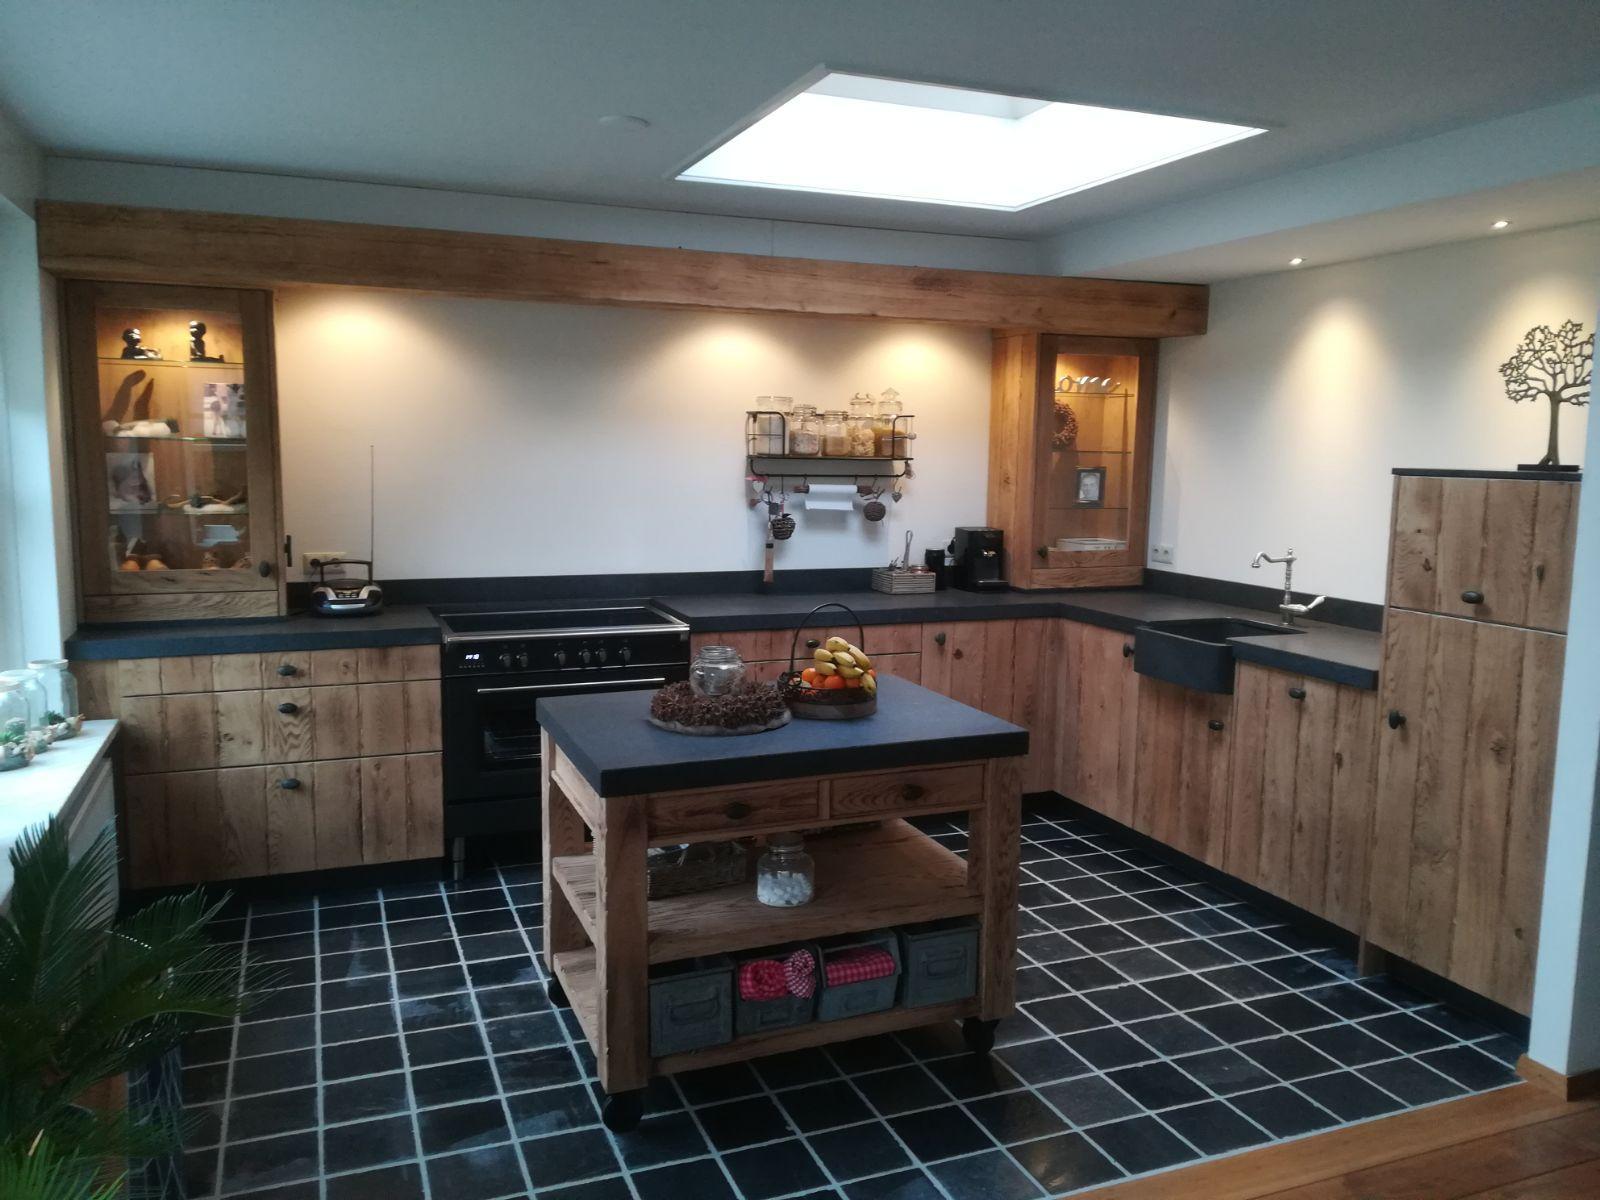 Keuken Eiken Landelijk : Massief eiken keuken landelijk granieten spoelbak mobiel keuken